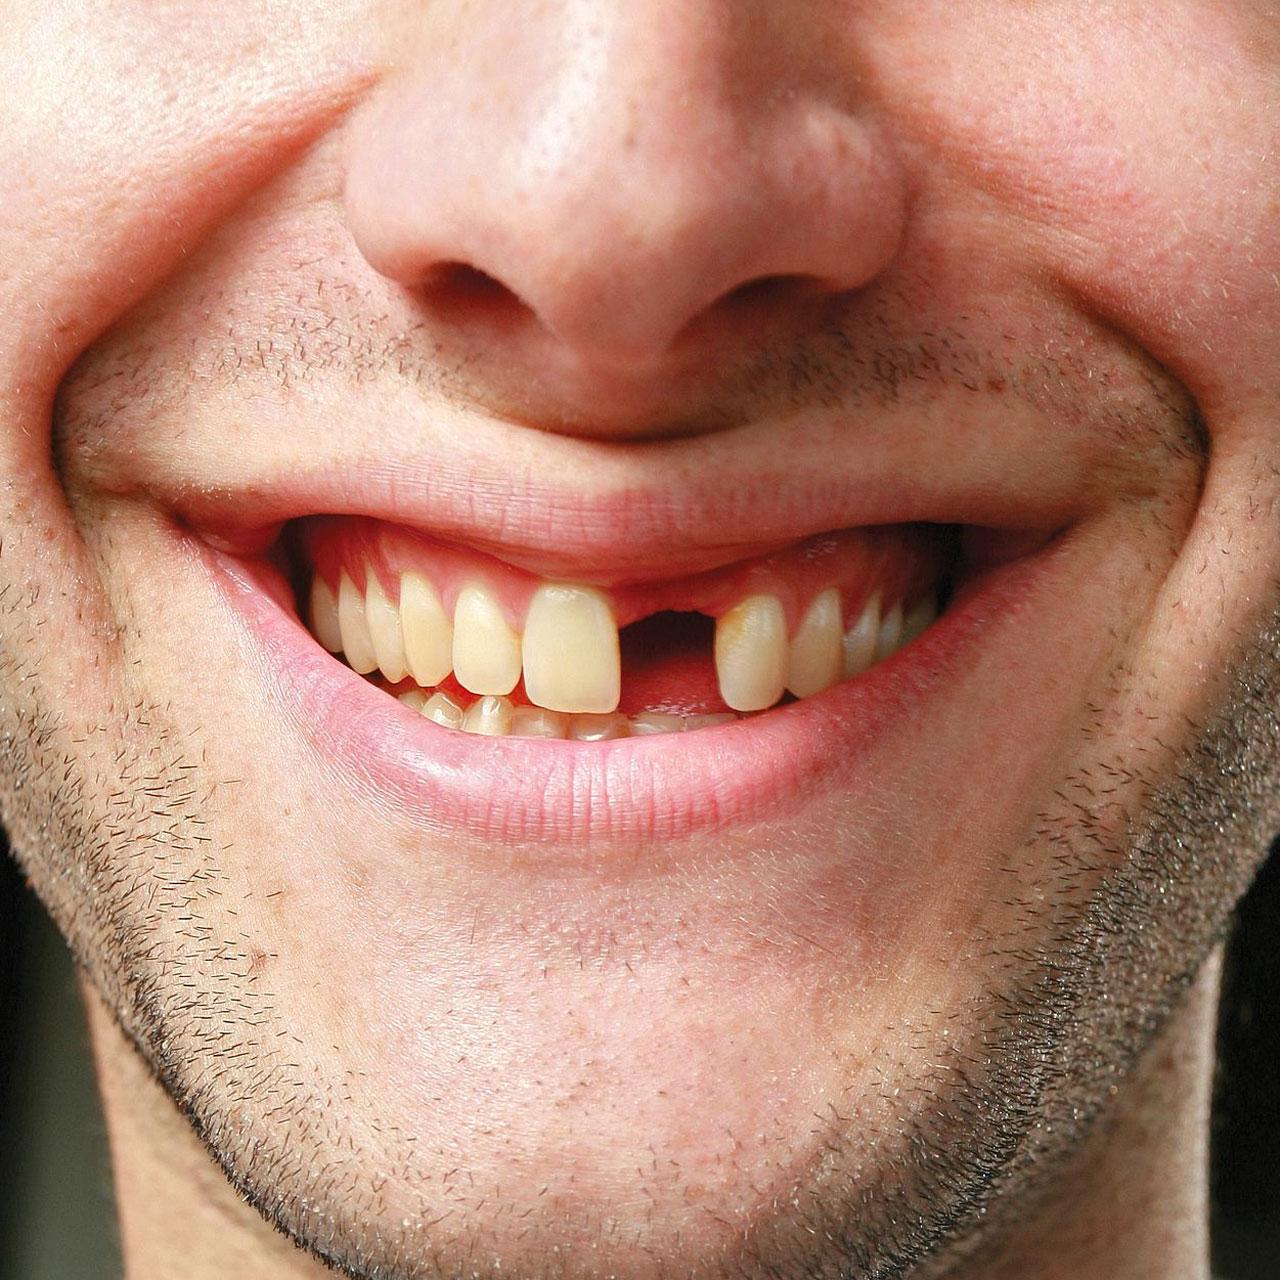 Сниться что выпали зубы у другого человека